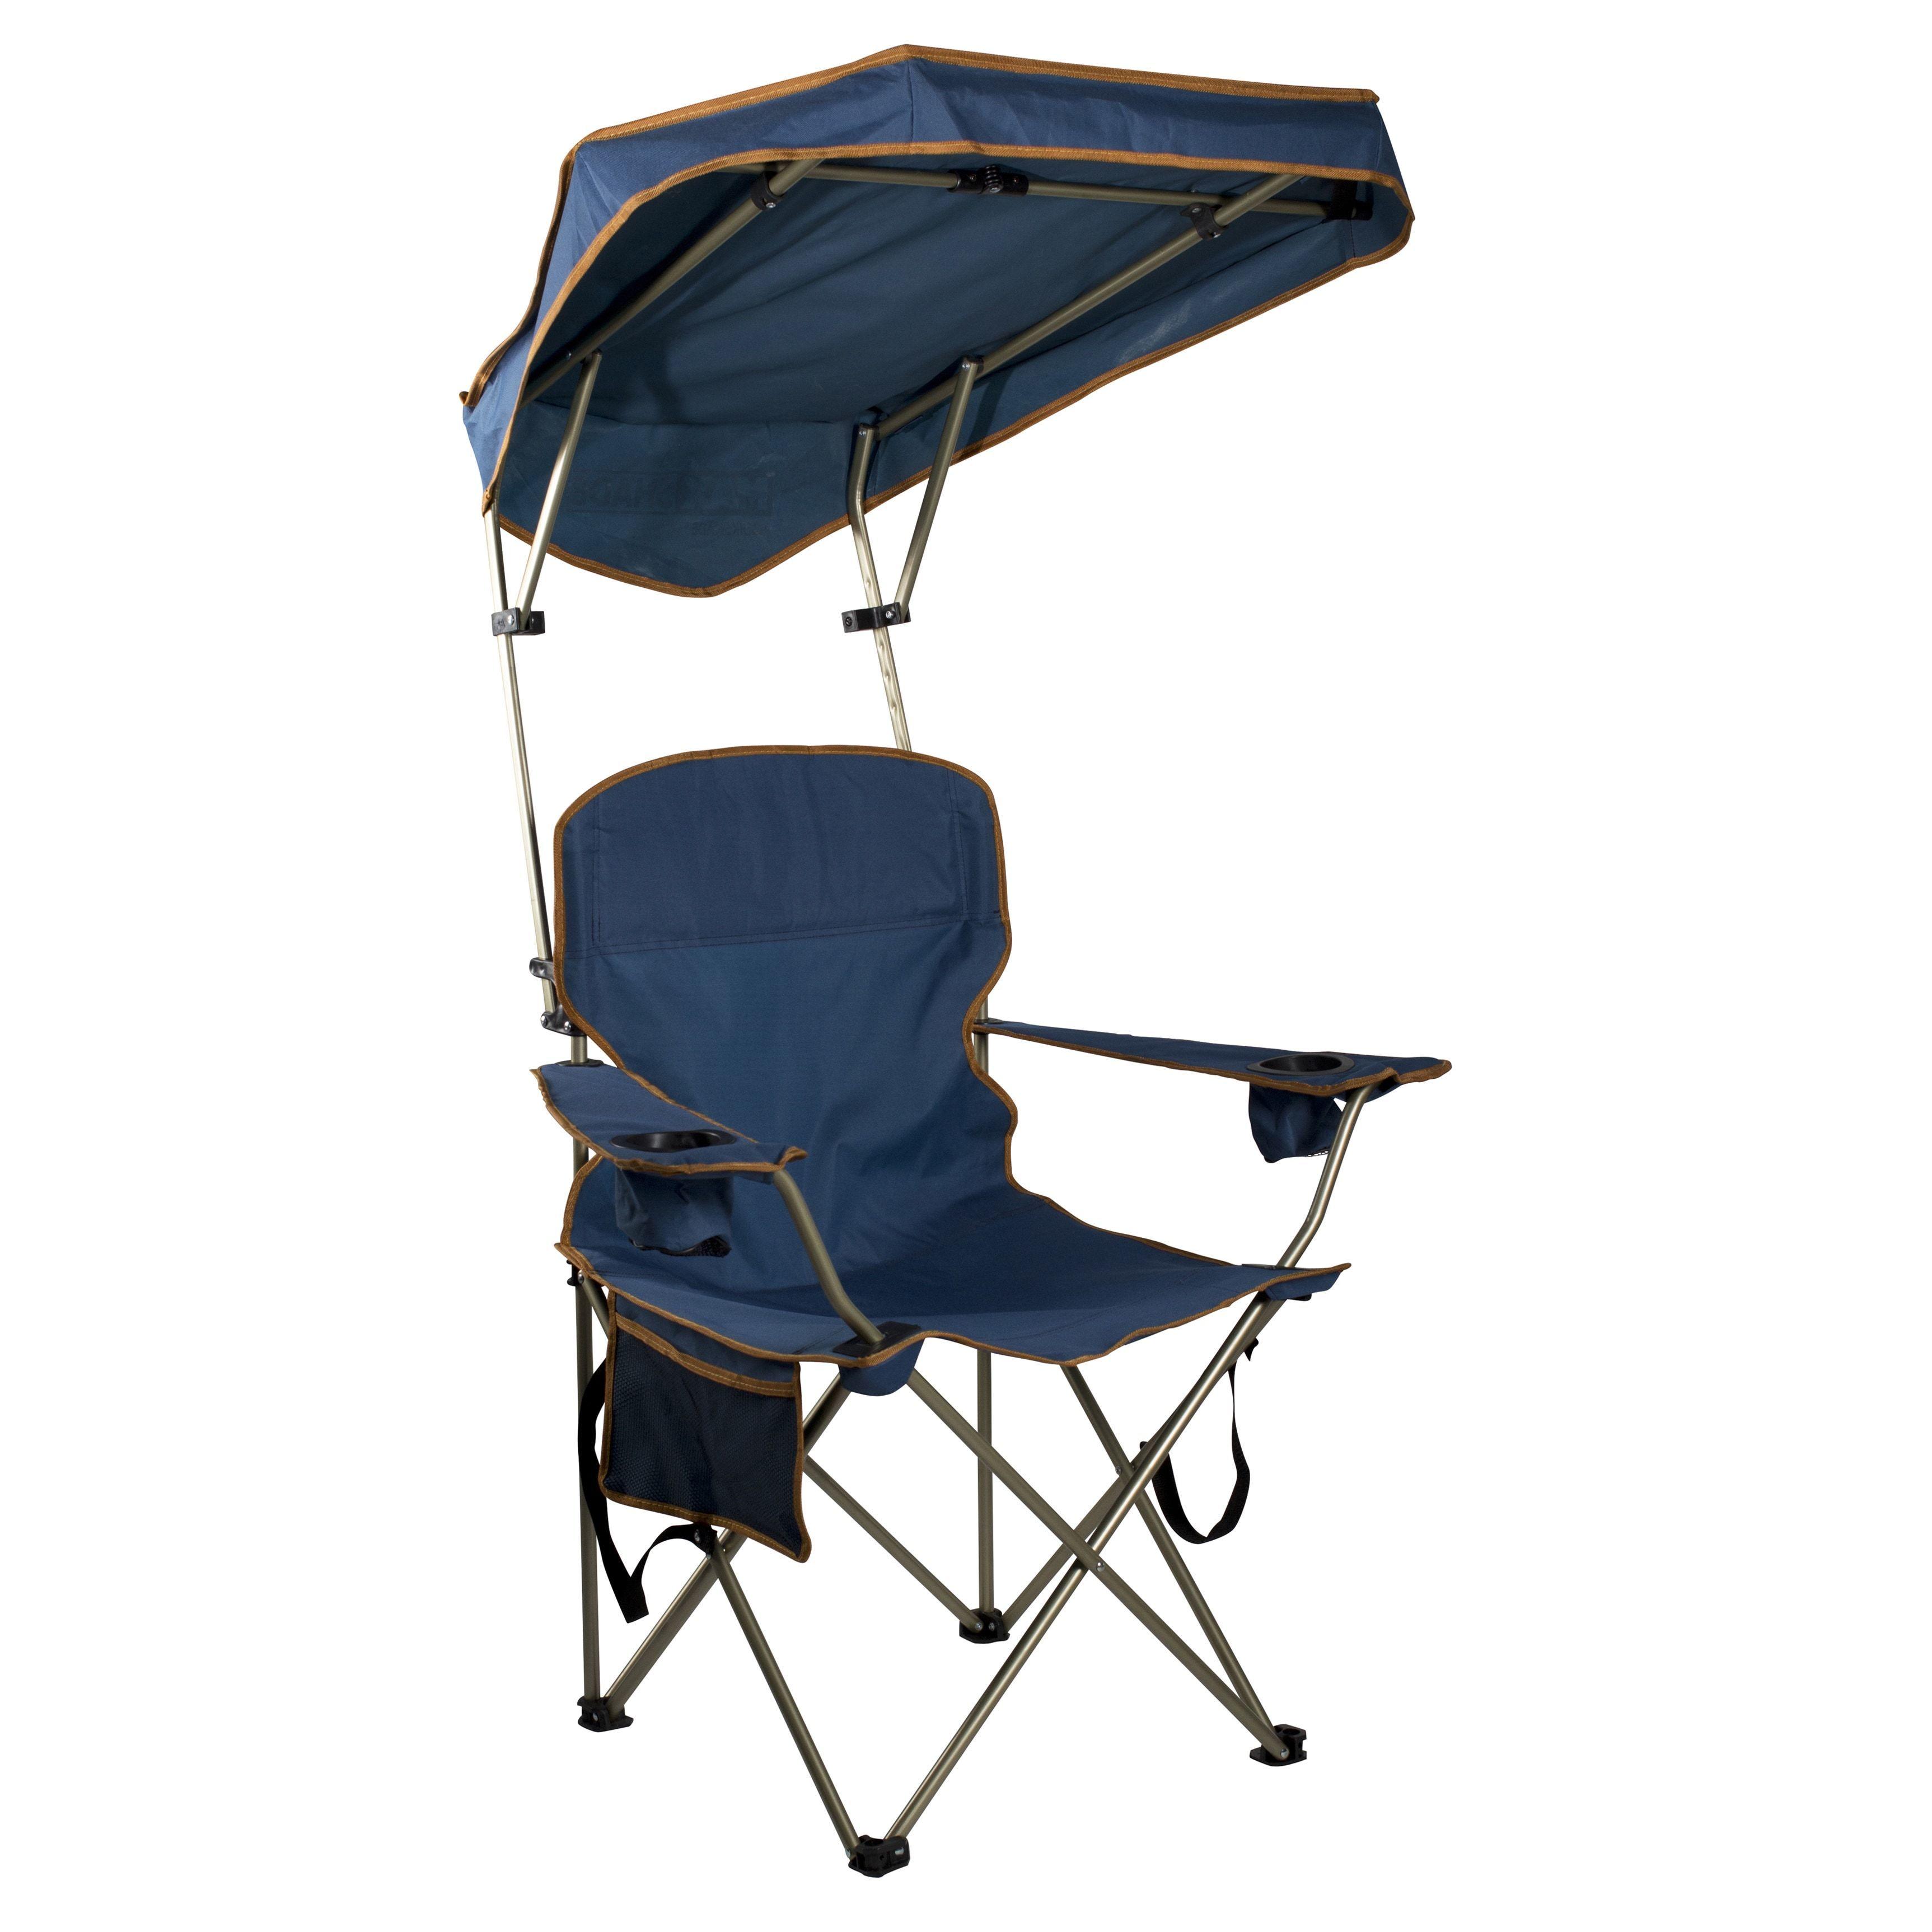 Quik Shade Max Shade Chair (Blue)